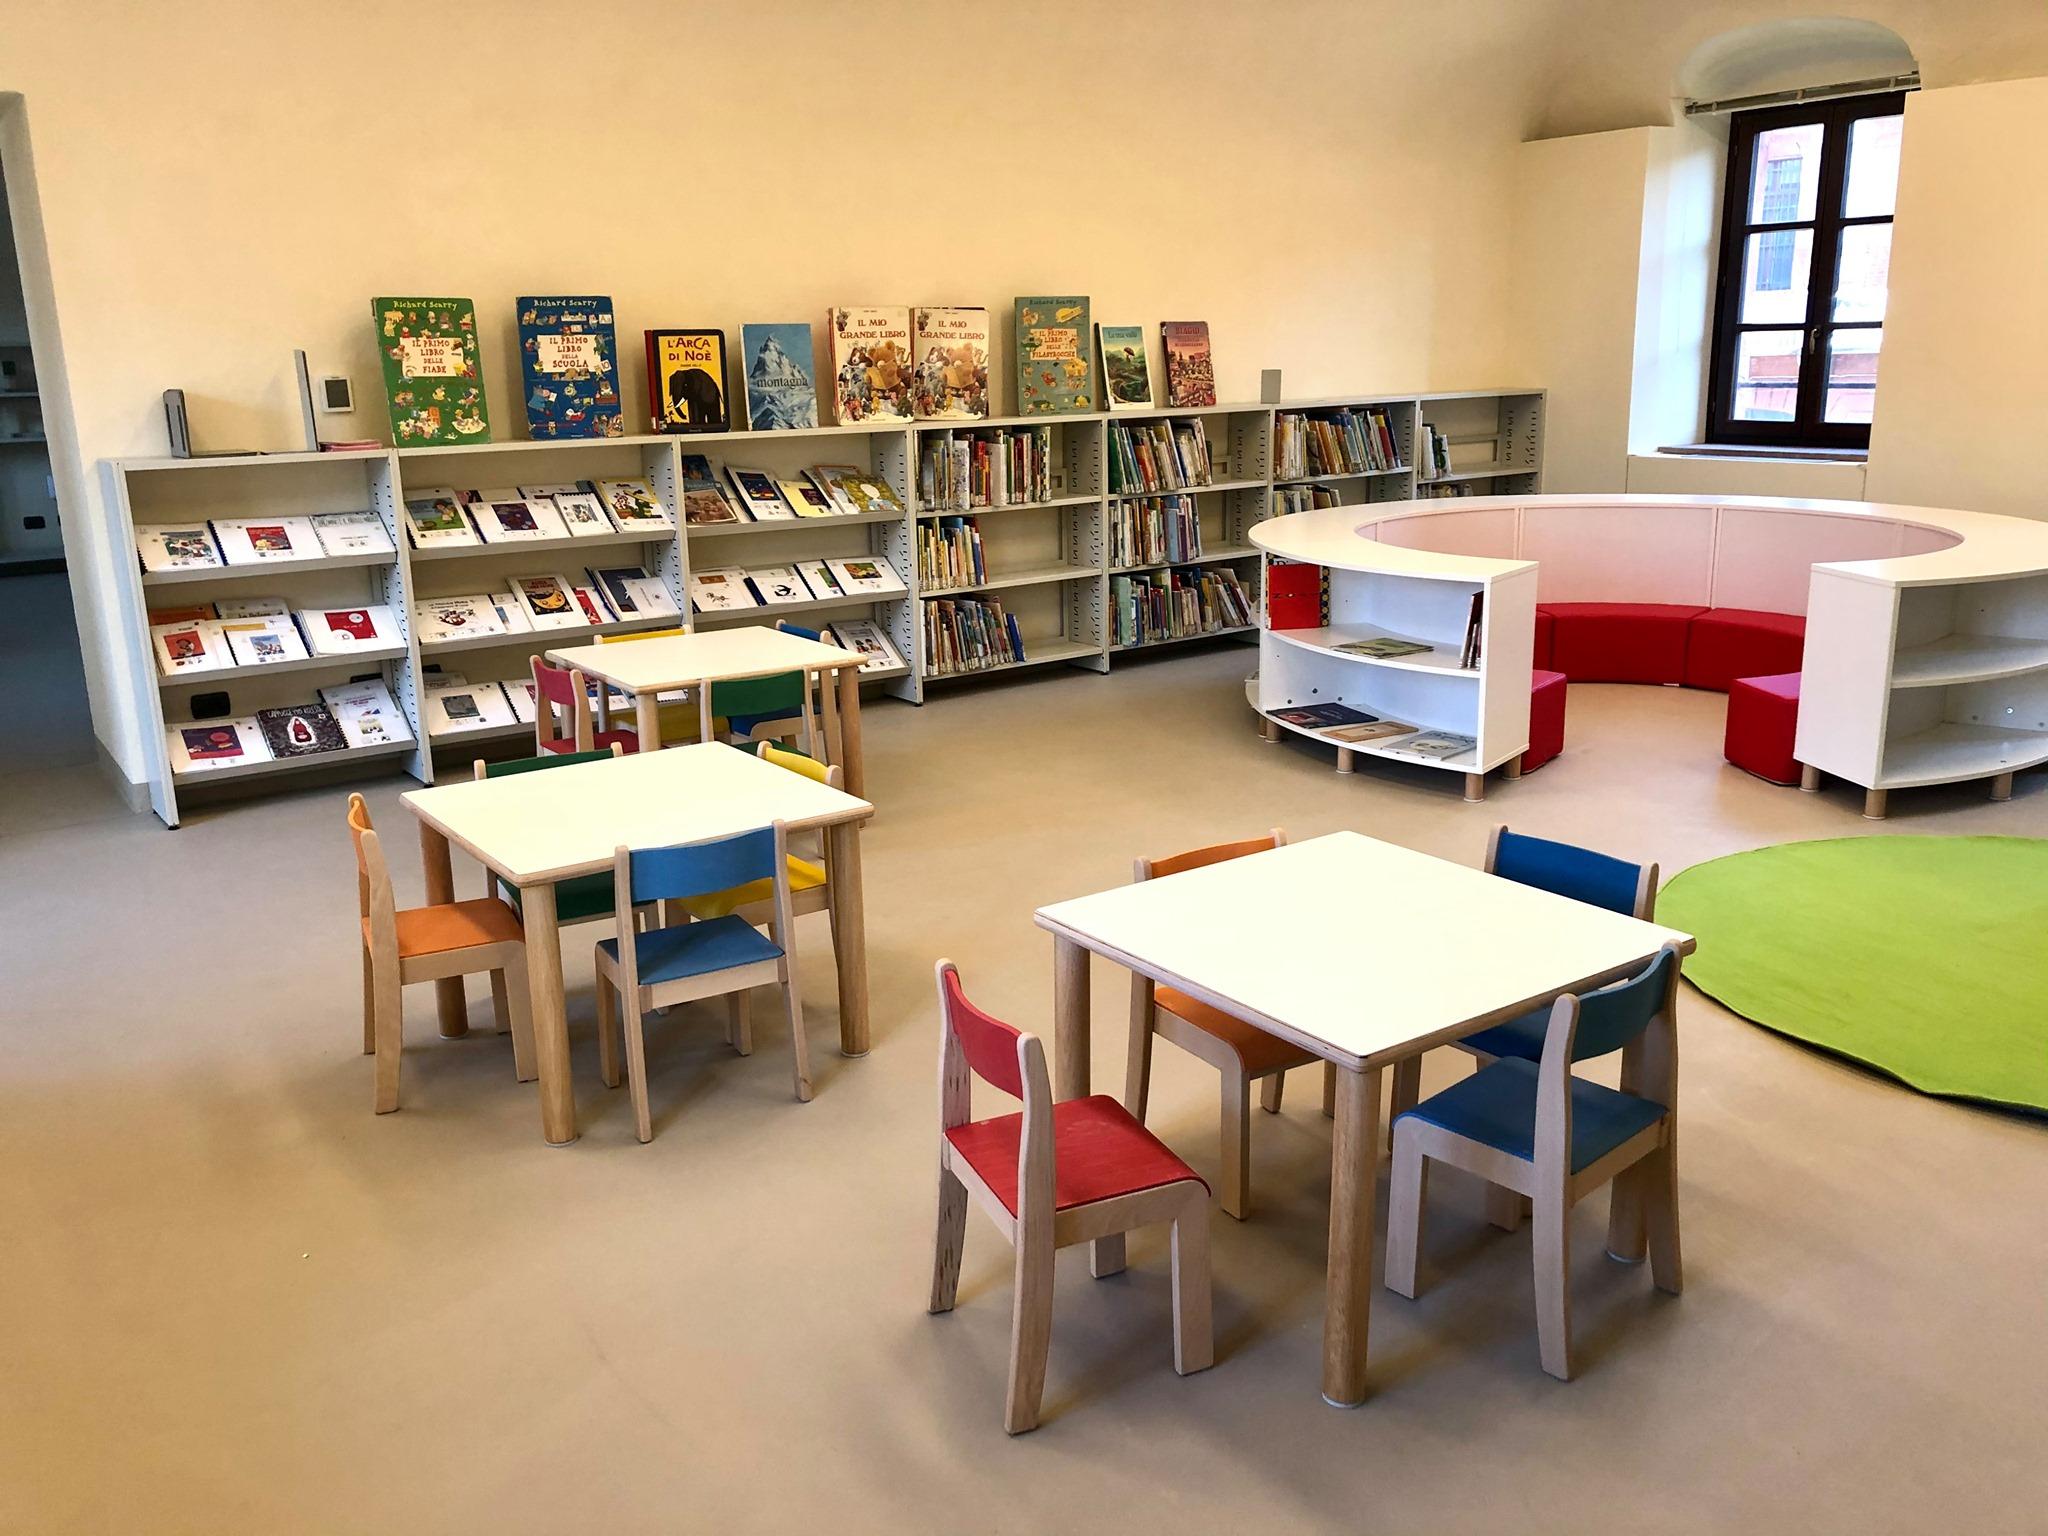 Telefoni alla biblioteca e ascolti una favola: nuova iniziativa per bambini